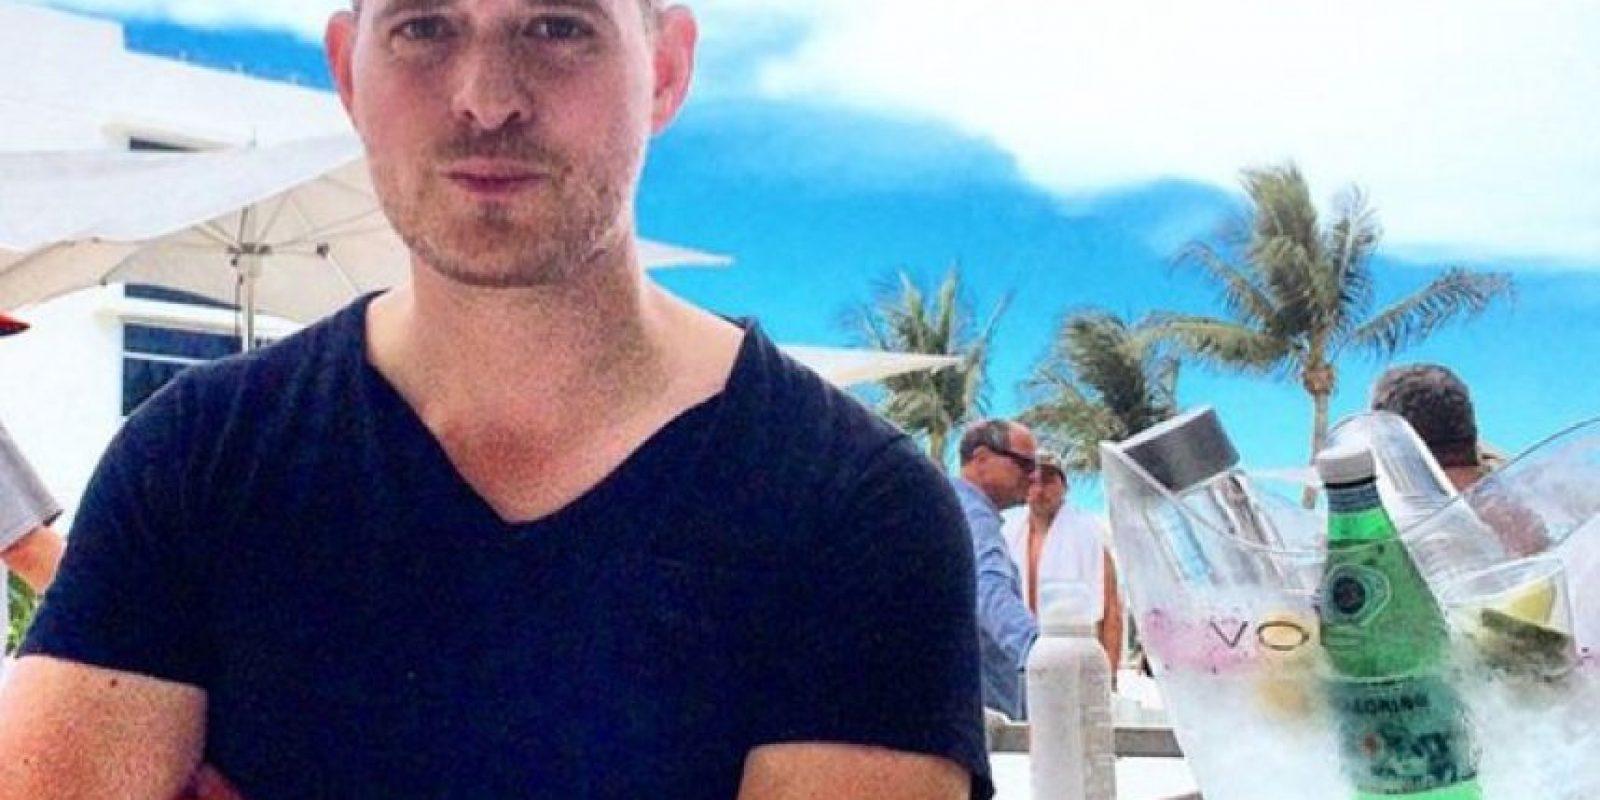 El cantante anunció su retiro Foto:Vía instagram.com/michaelbuble